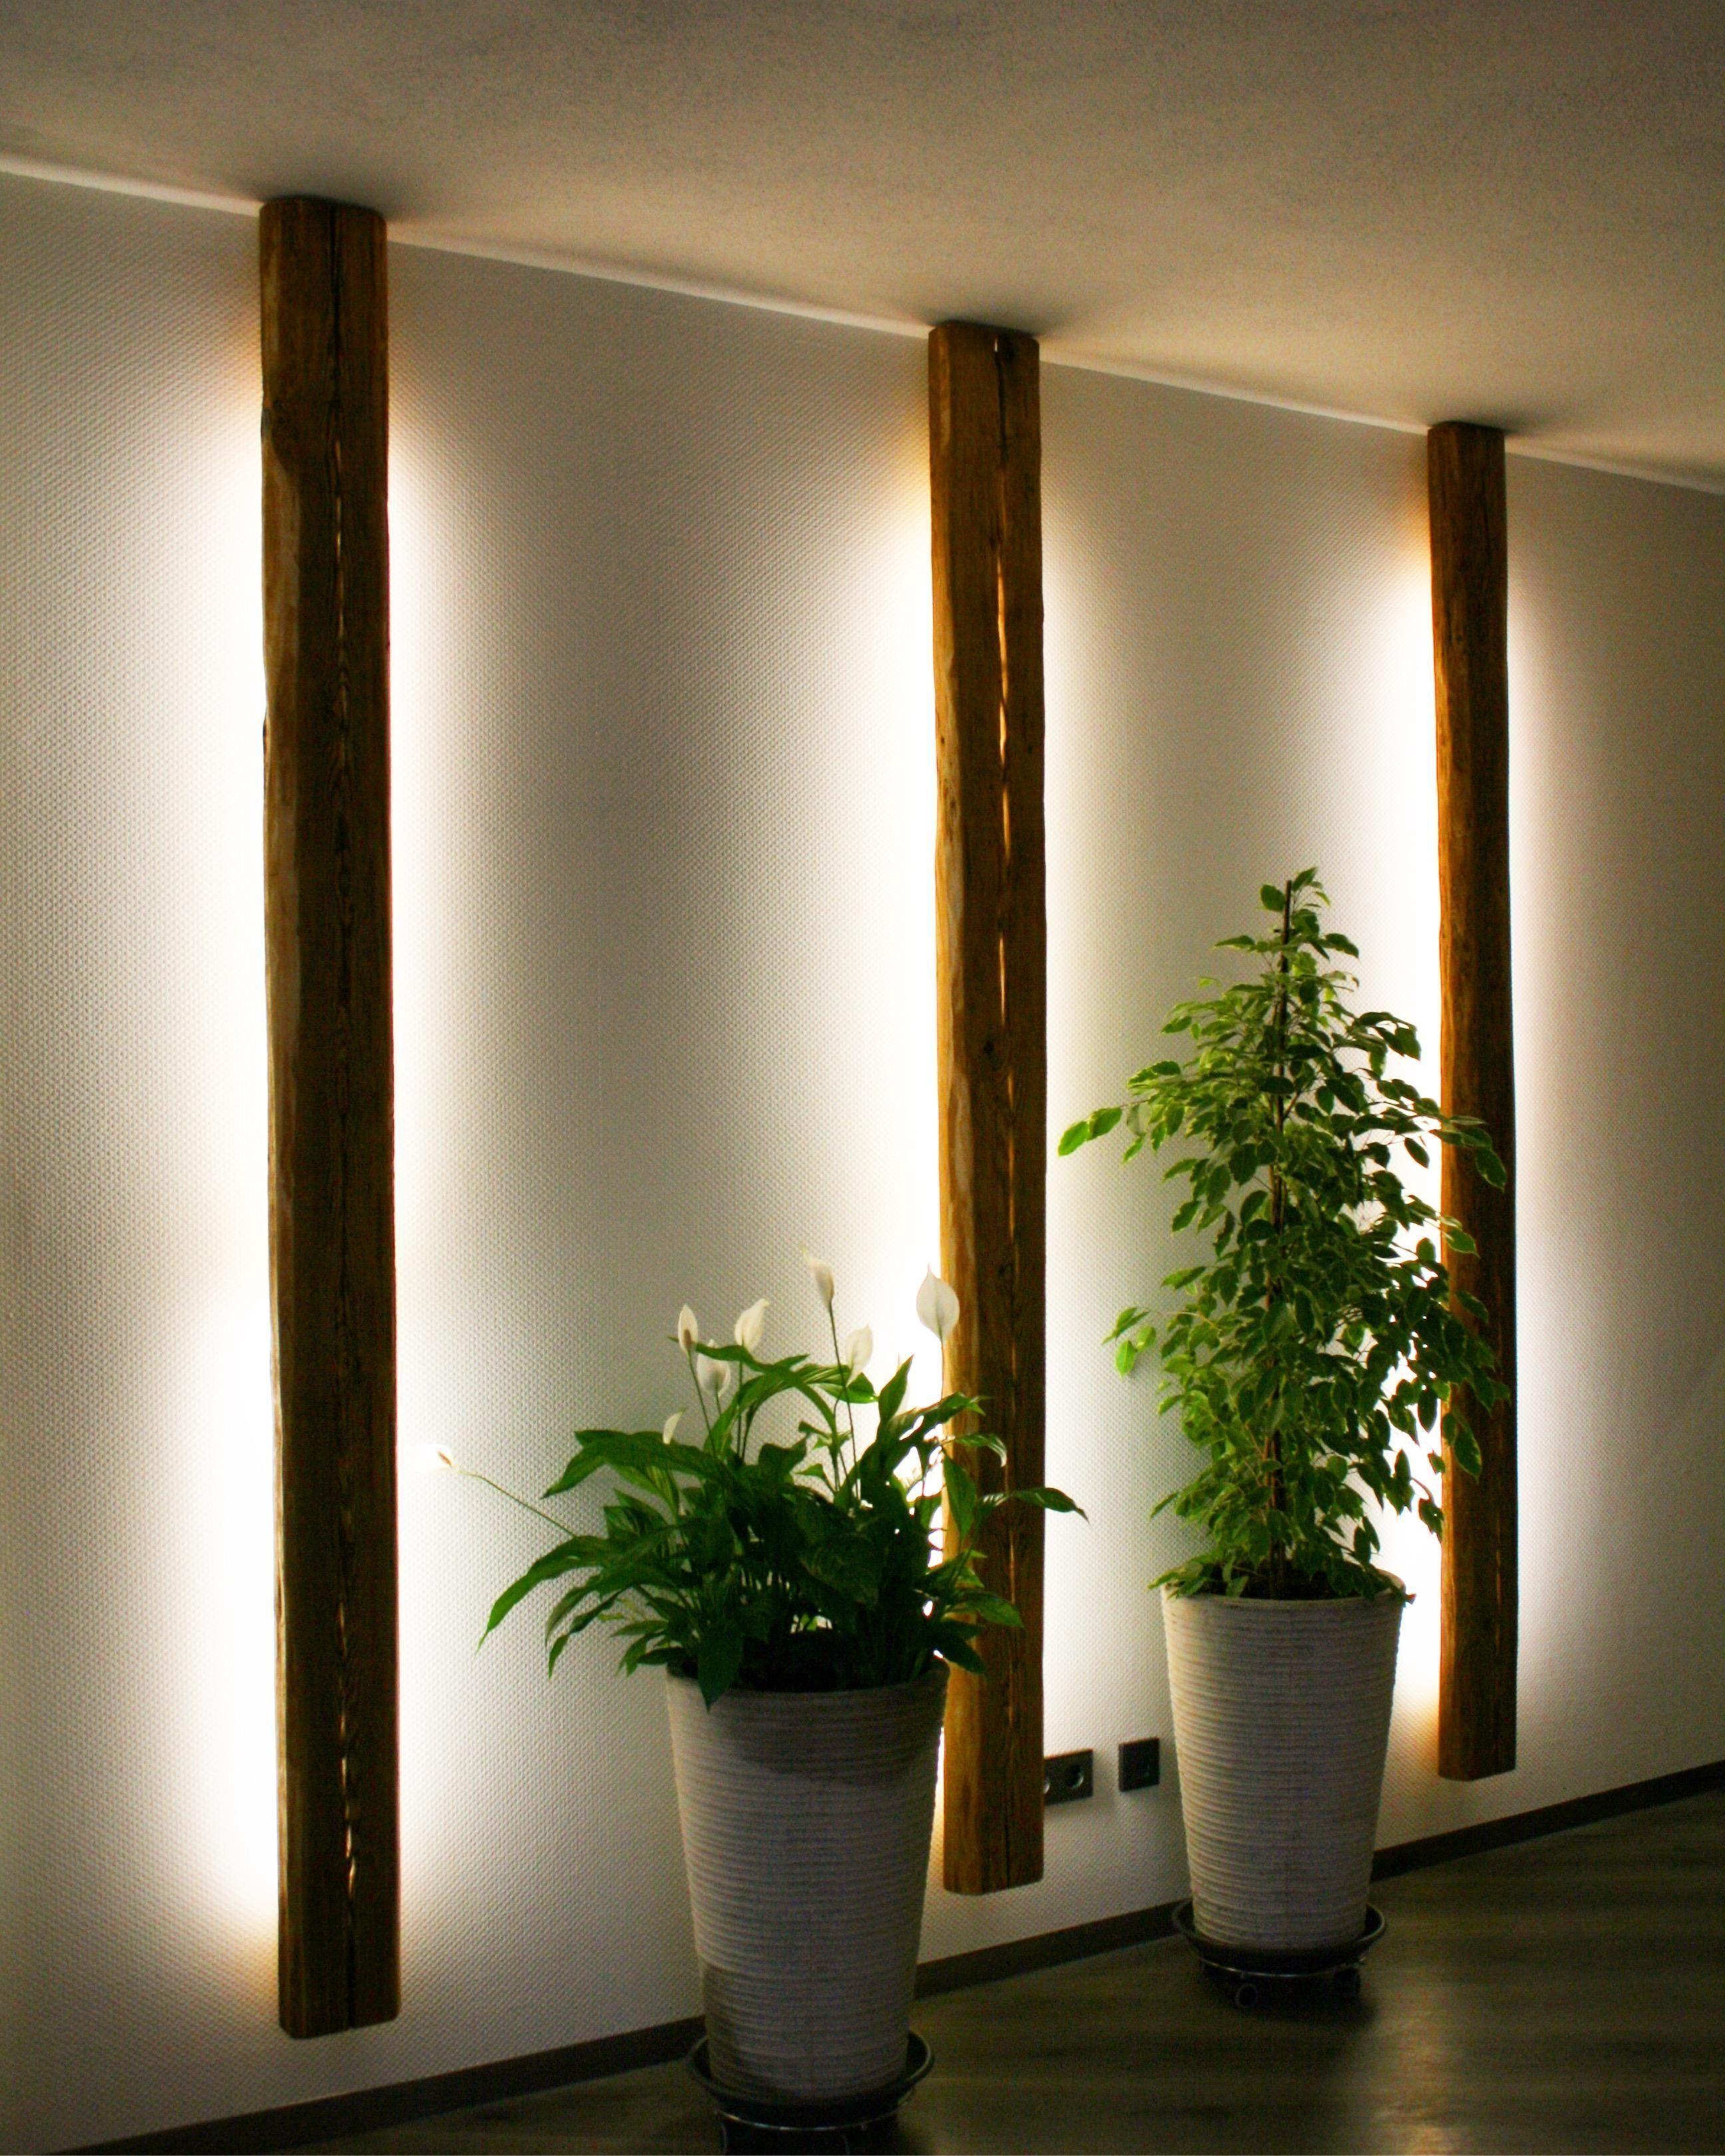 Lampe Aus Altholz Sorgt Für Indirektes Licht Beso In